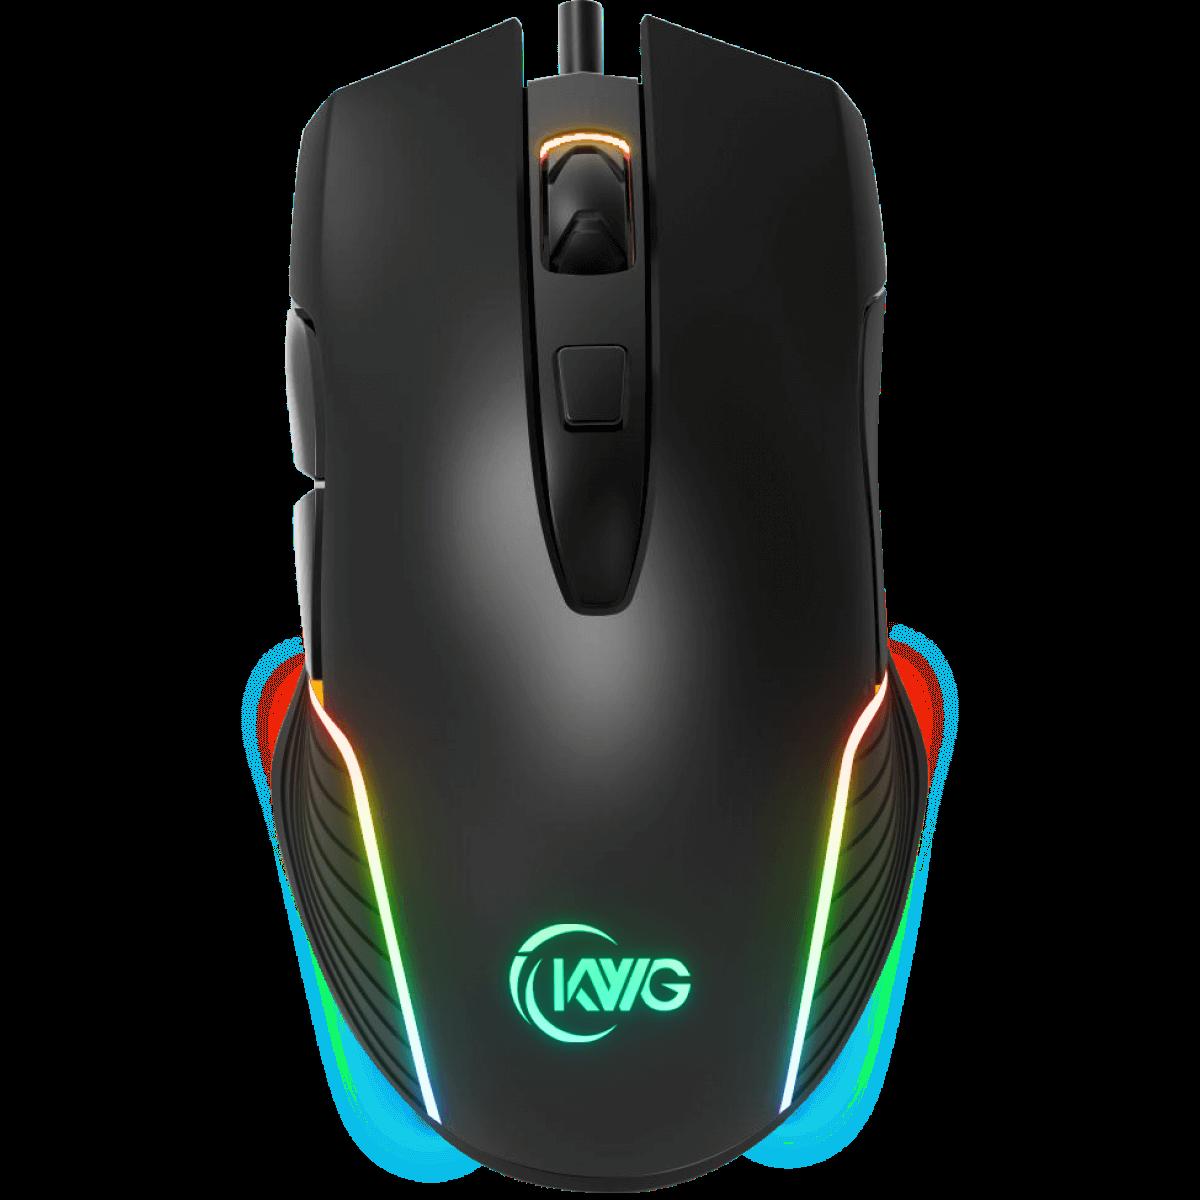 Mouse Gamer RGB KWG Orion M1 7000 DPI 6 Botões Black